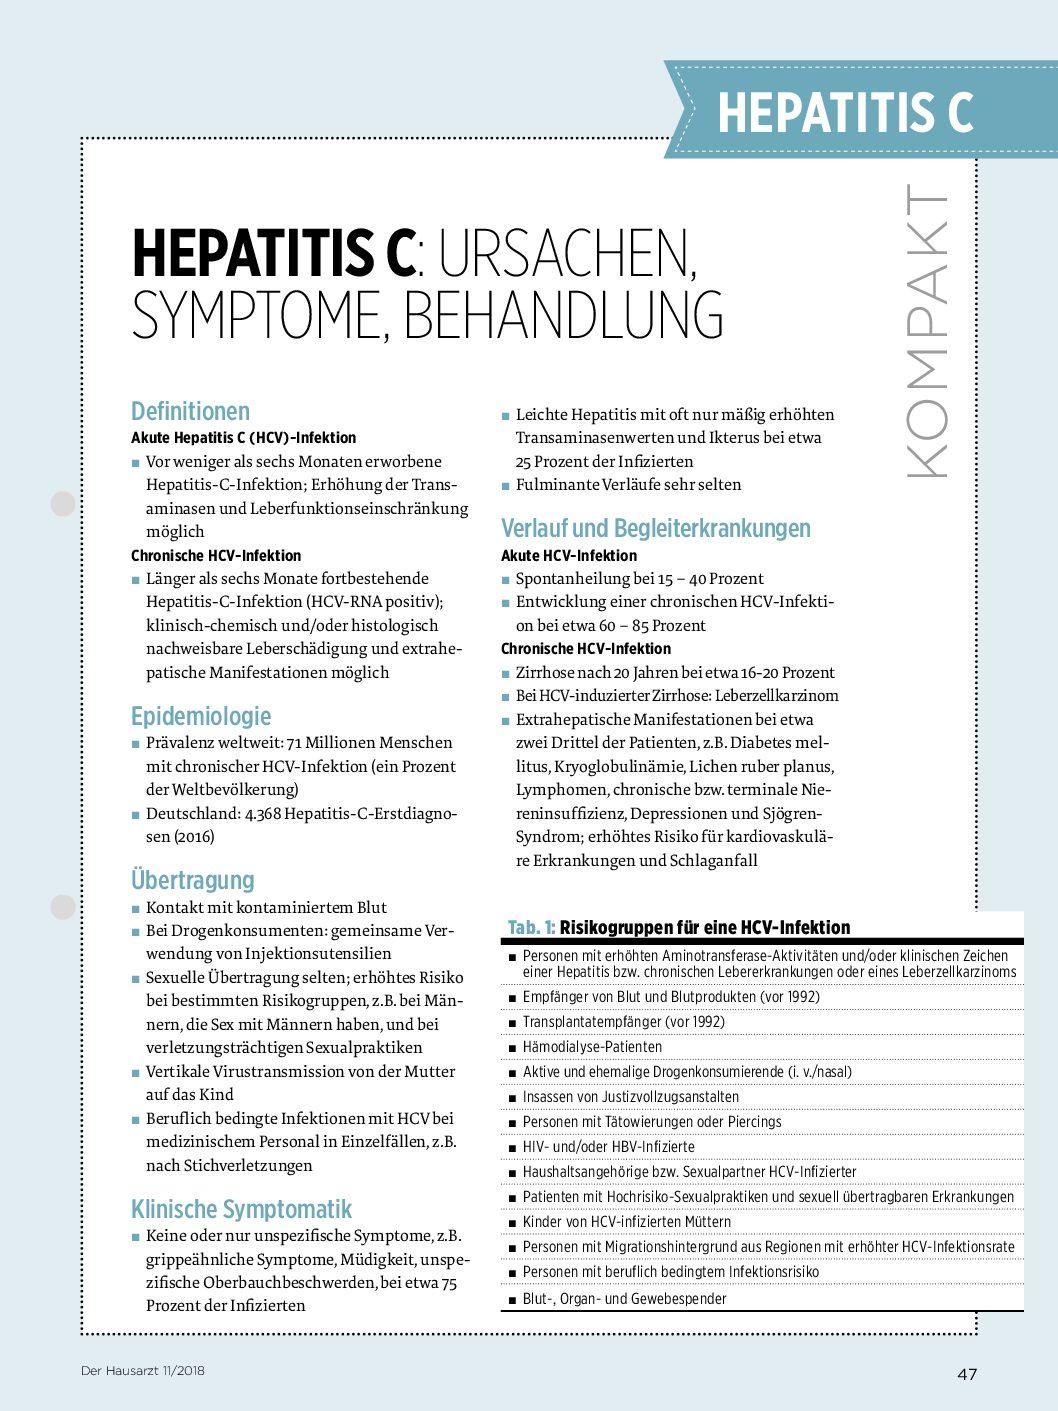 chronische hepatitis c